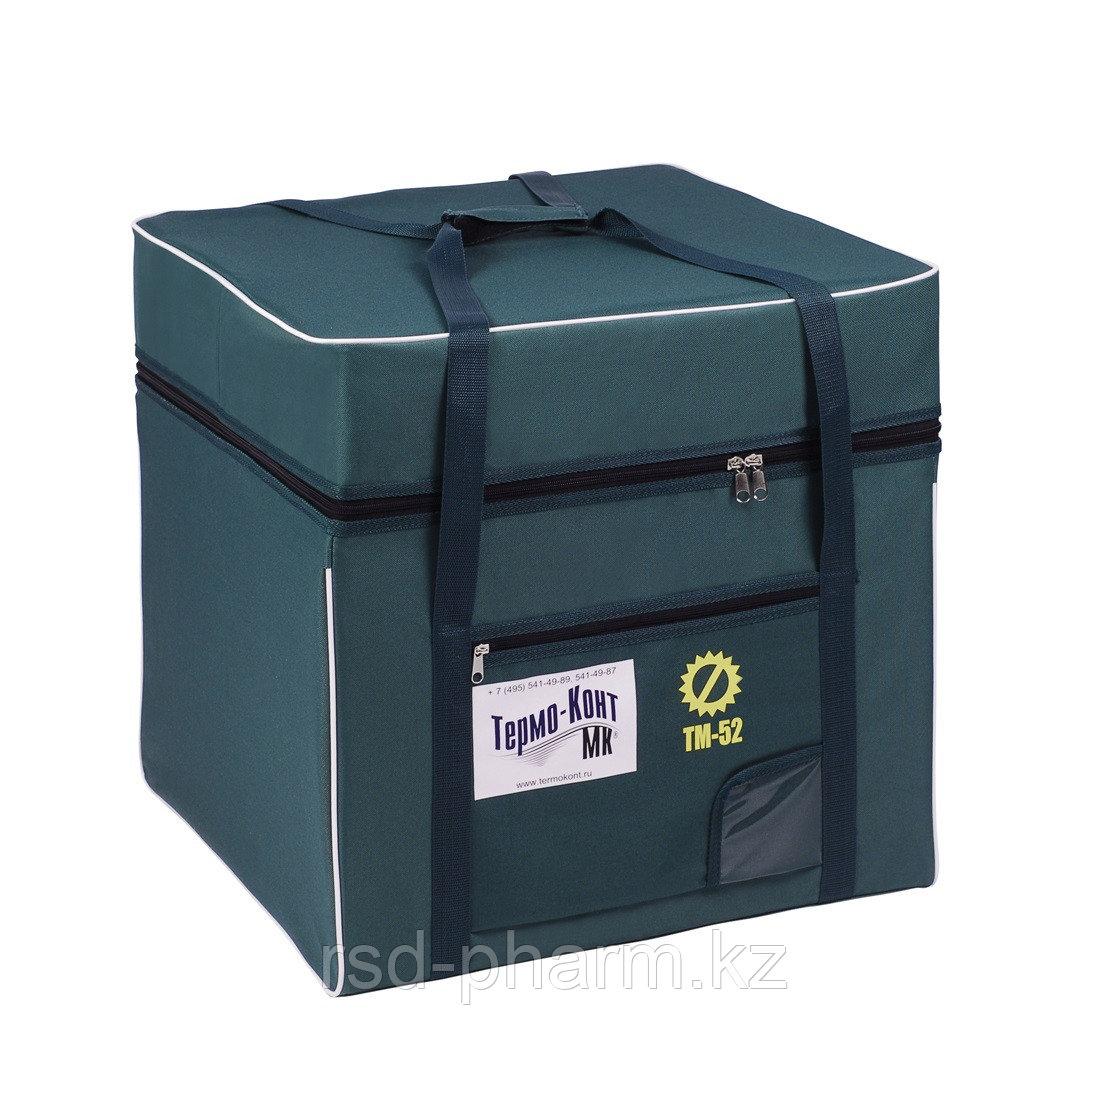 Термоконтейнер ТМ-52 в гофрокоробке